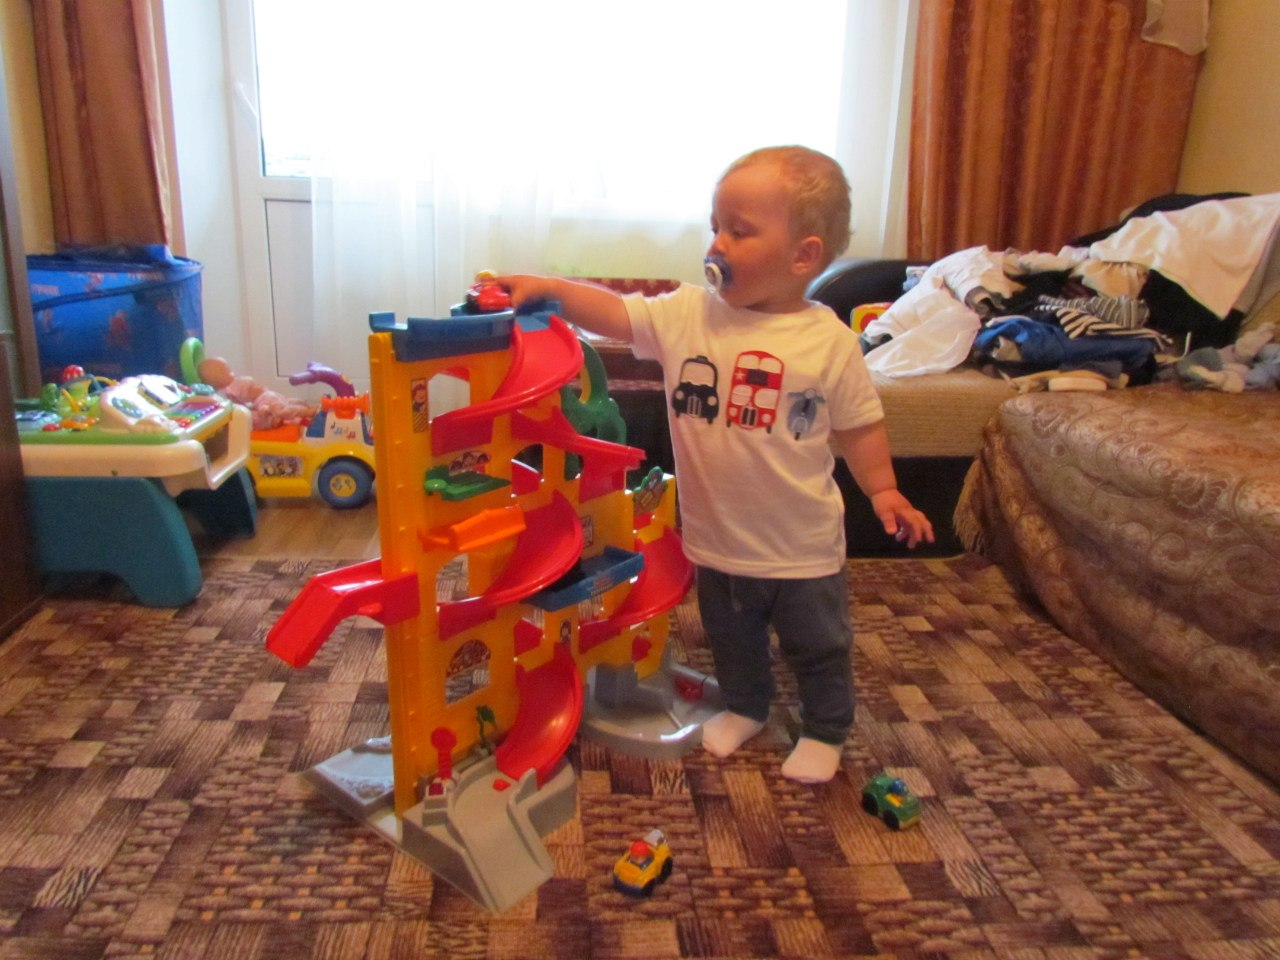 подарок для мальчика 3 года фото